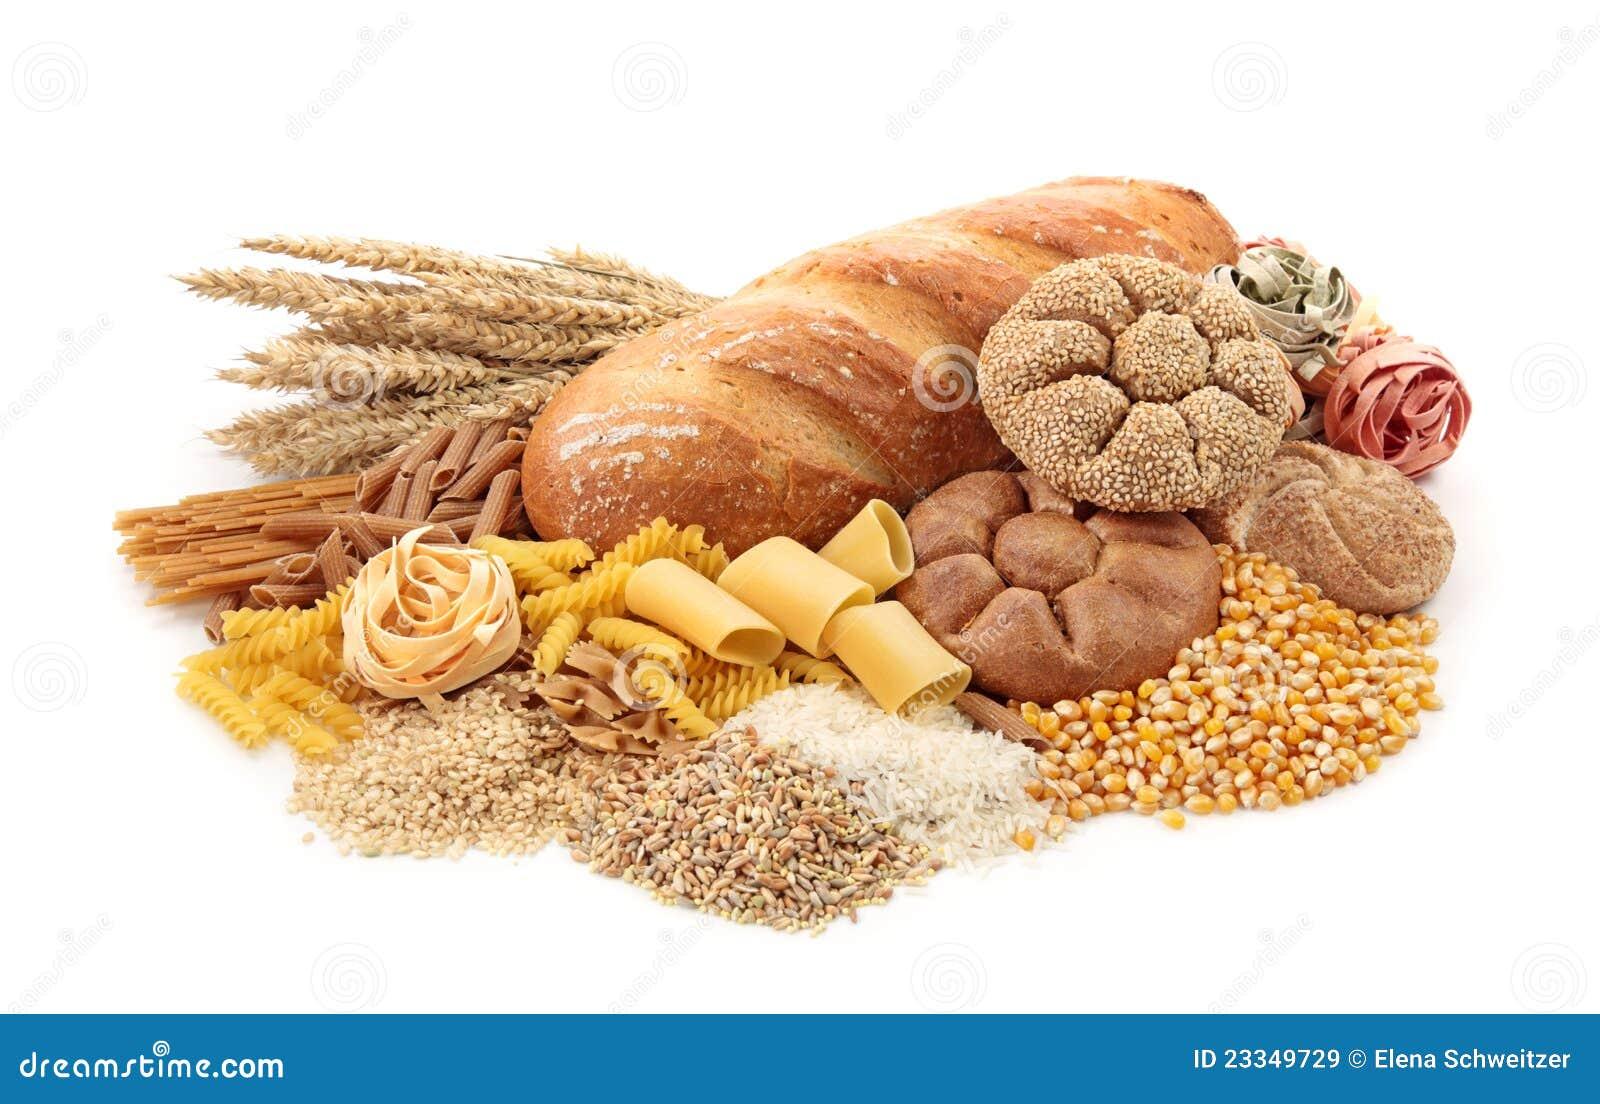 Alimenti alti in carboidrato